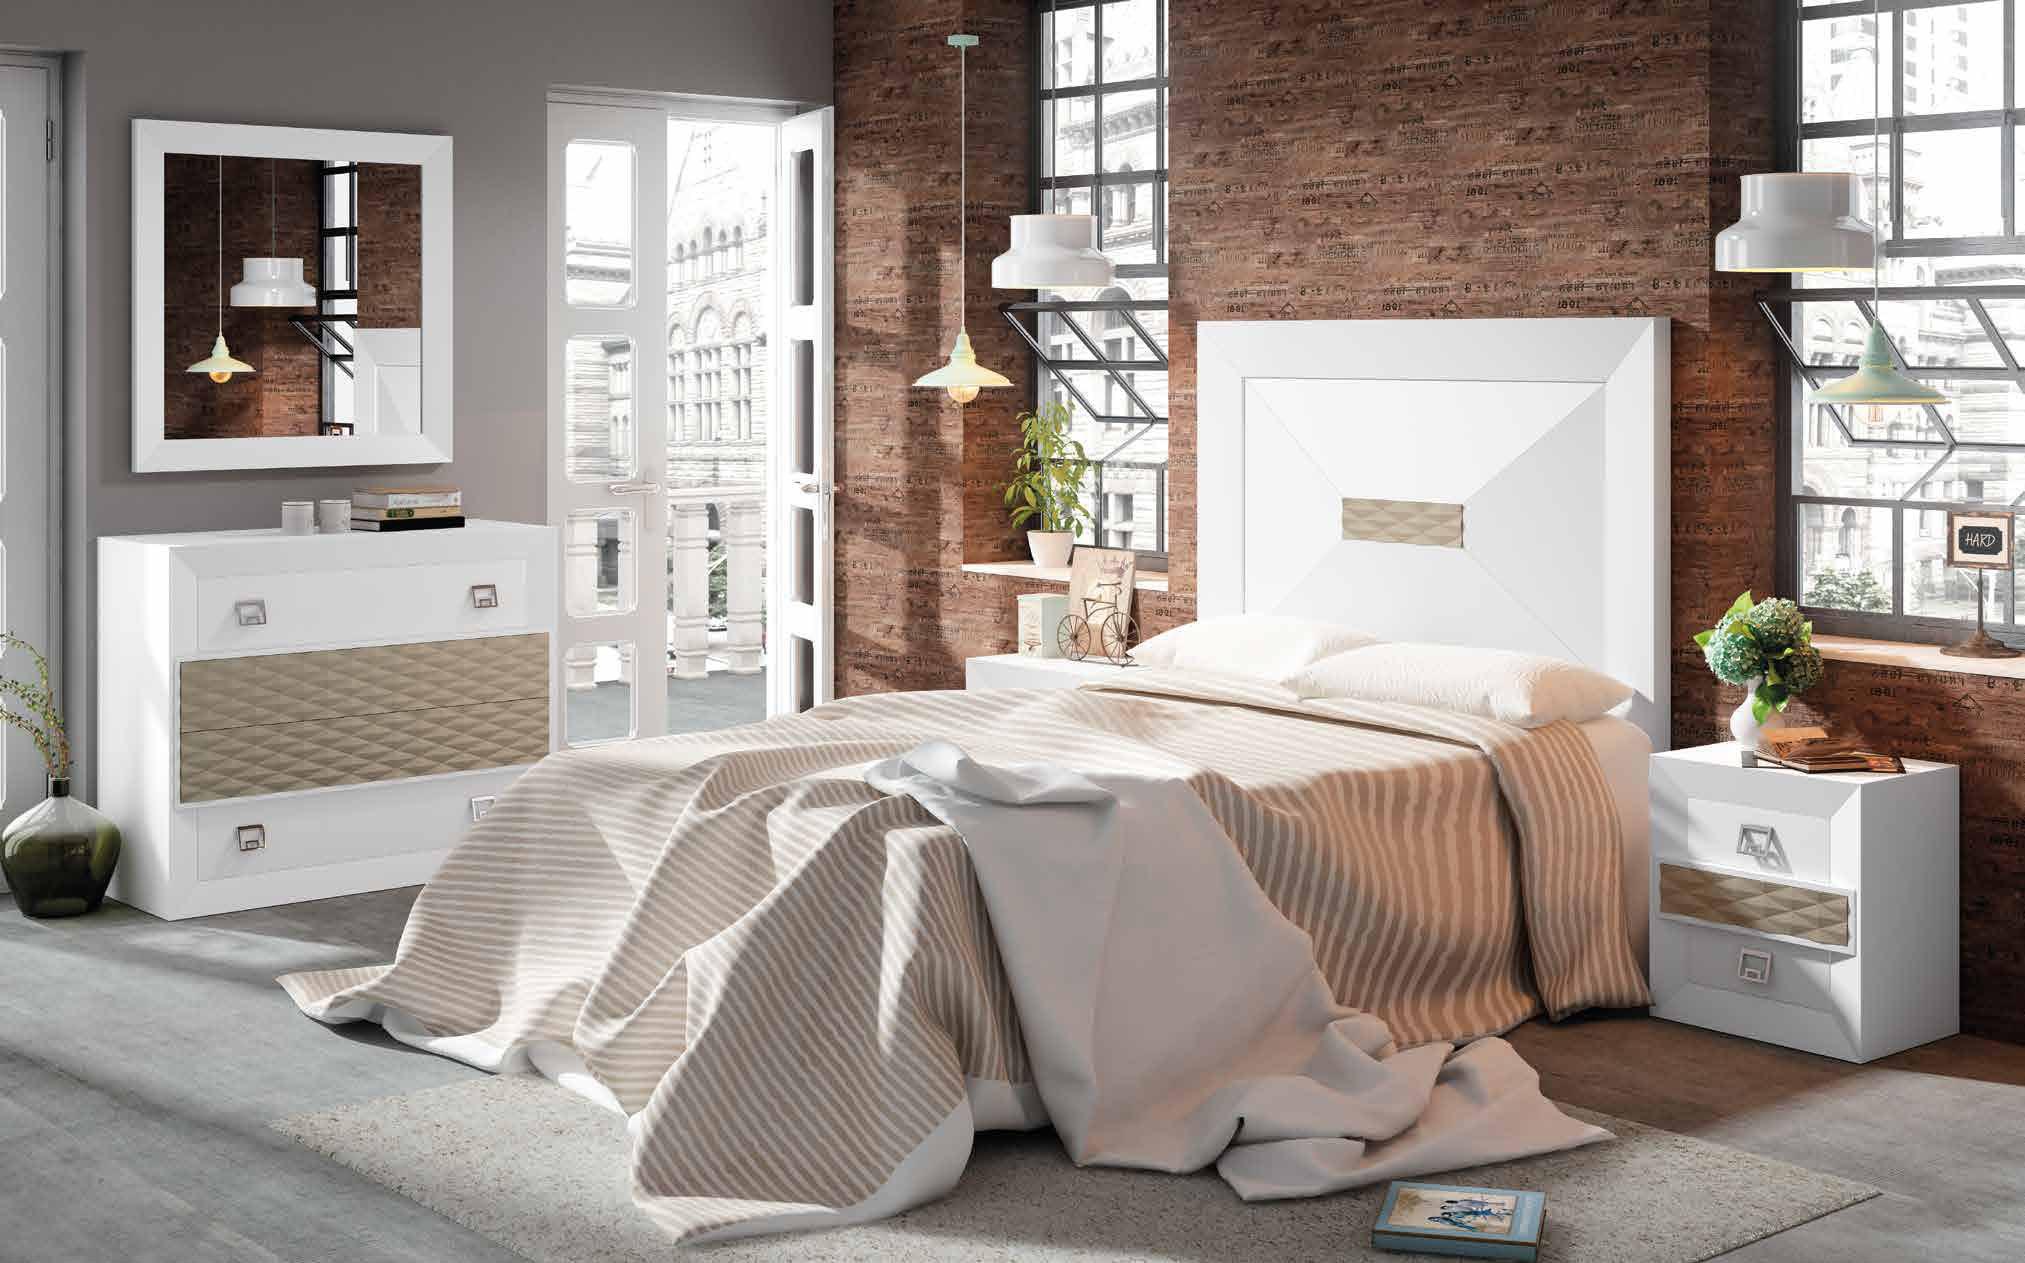 Dormitorio matrimonio en blanco y beige con detalles que hacen que adquiera un aspecto más refinado y decorativo.